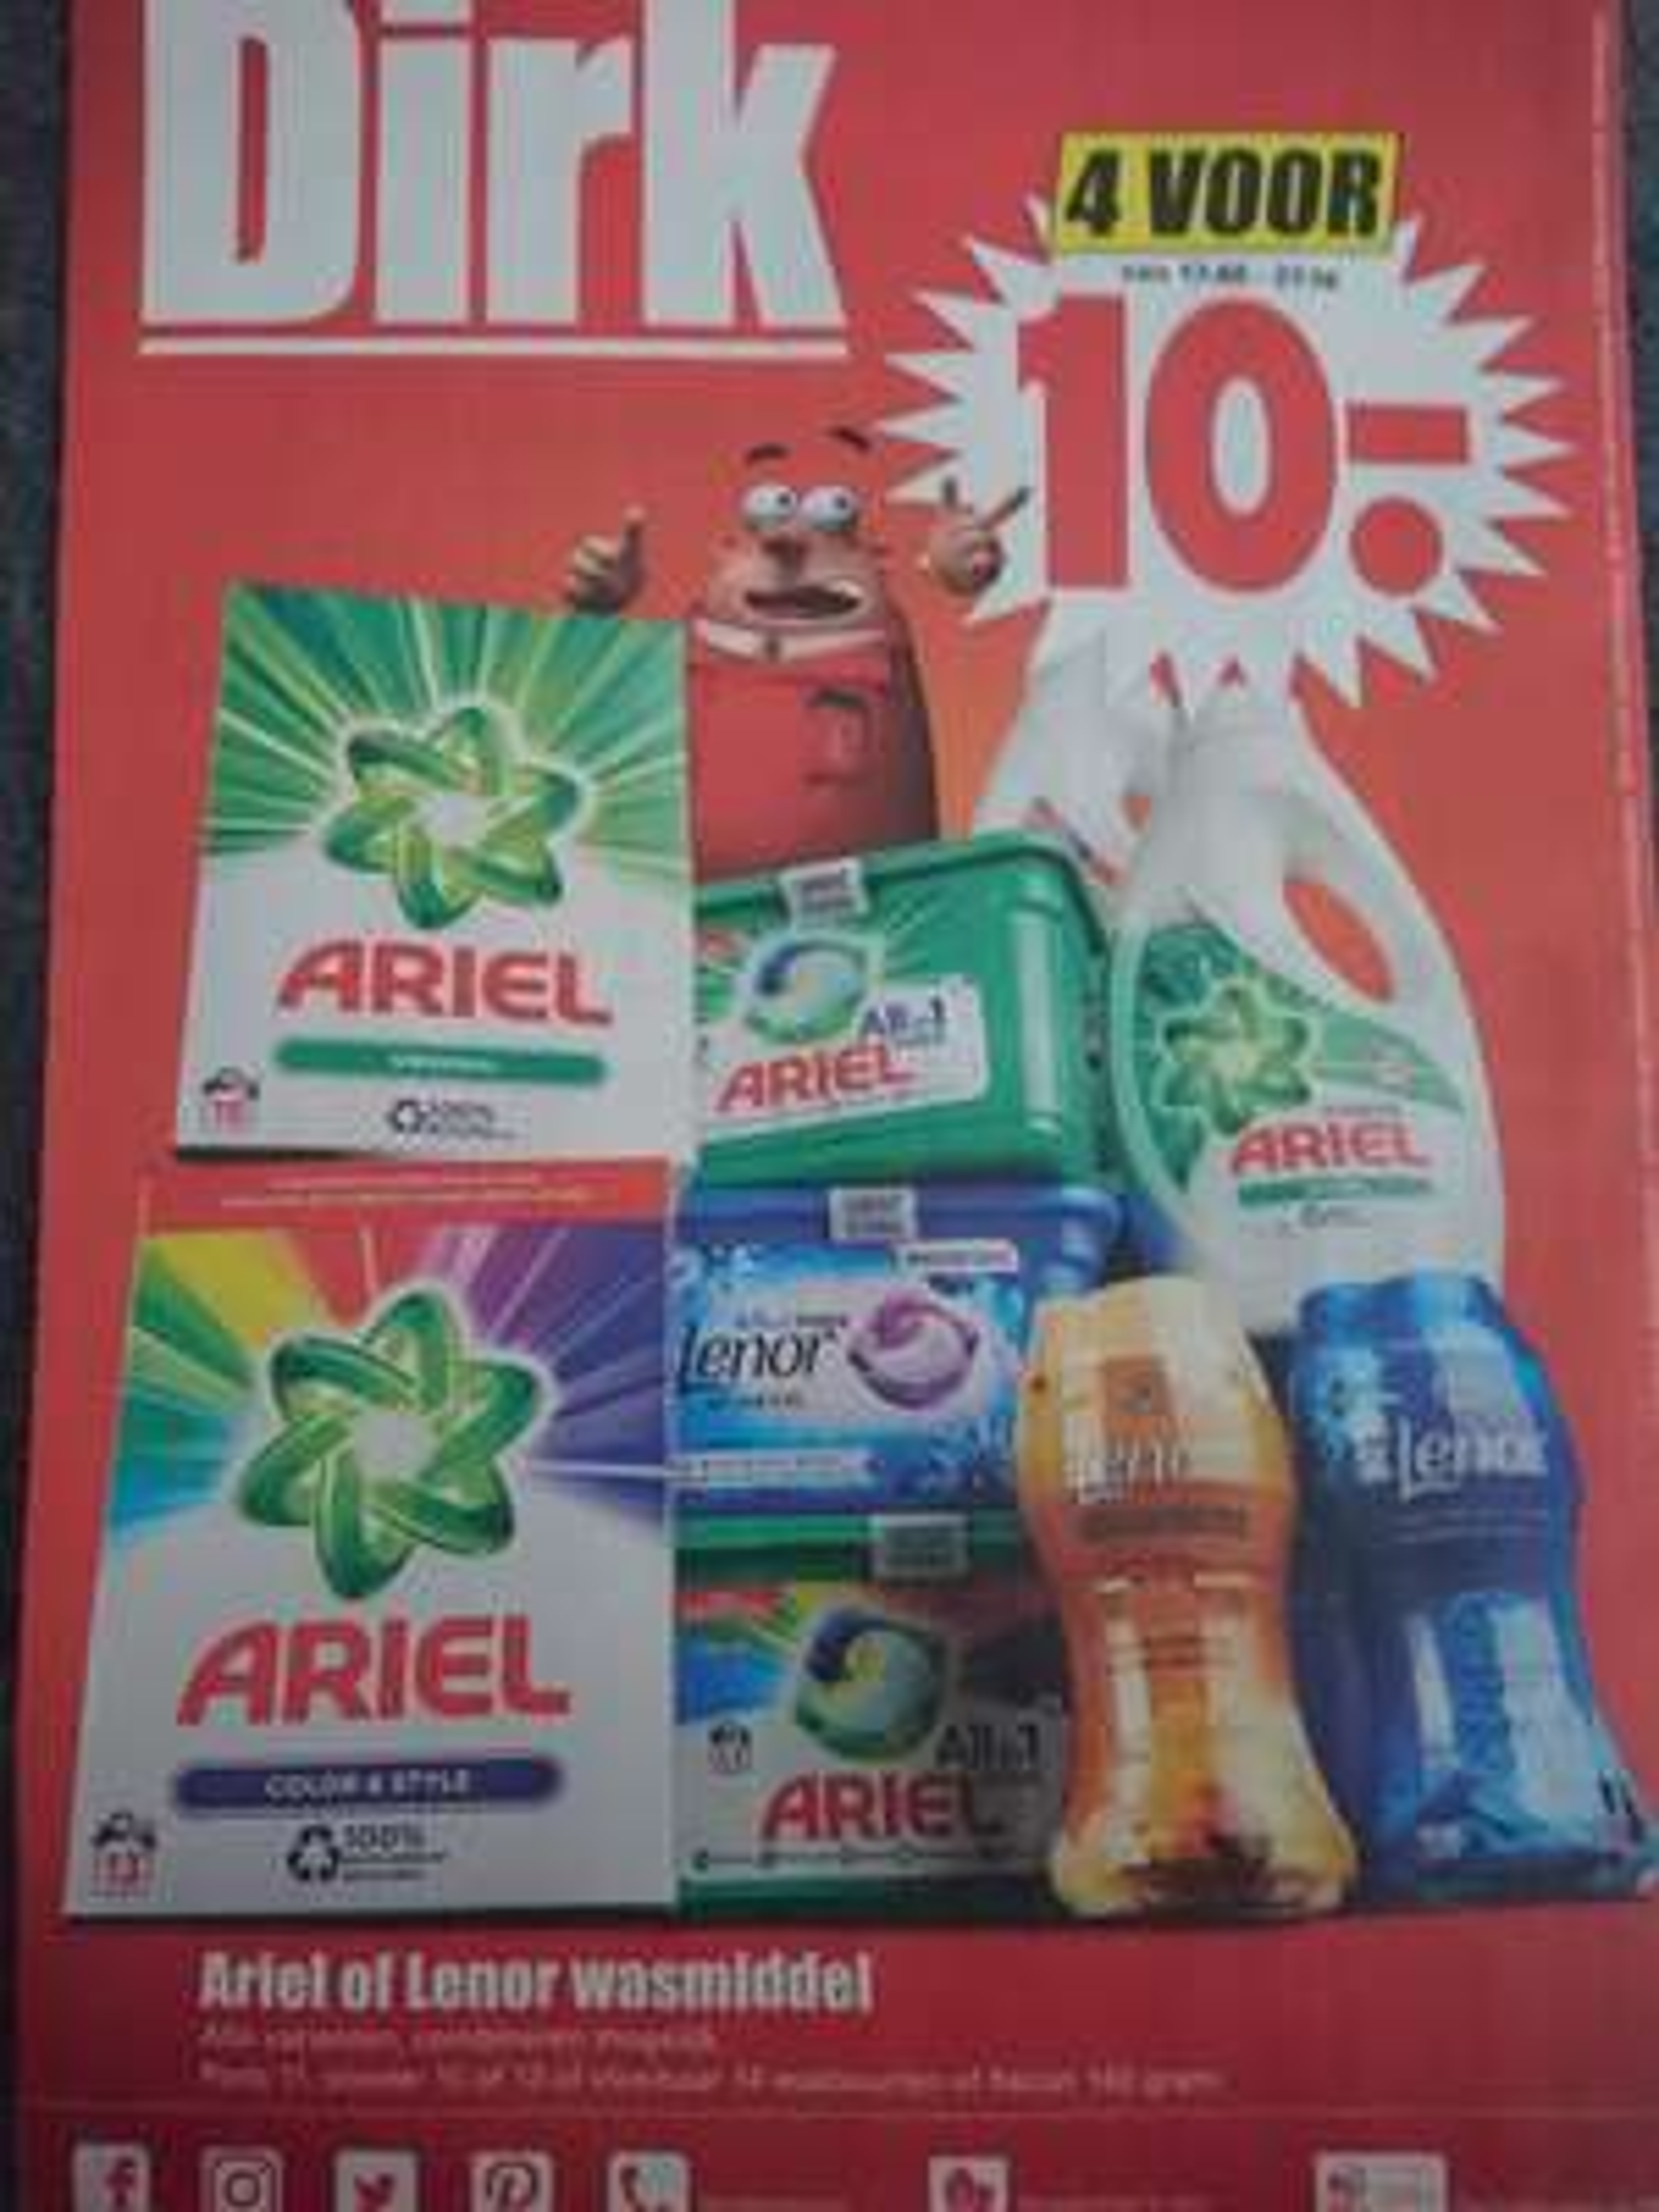 Ariel of Lenor wasmiddel 4 voor €10 bij Dirk